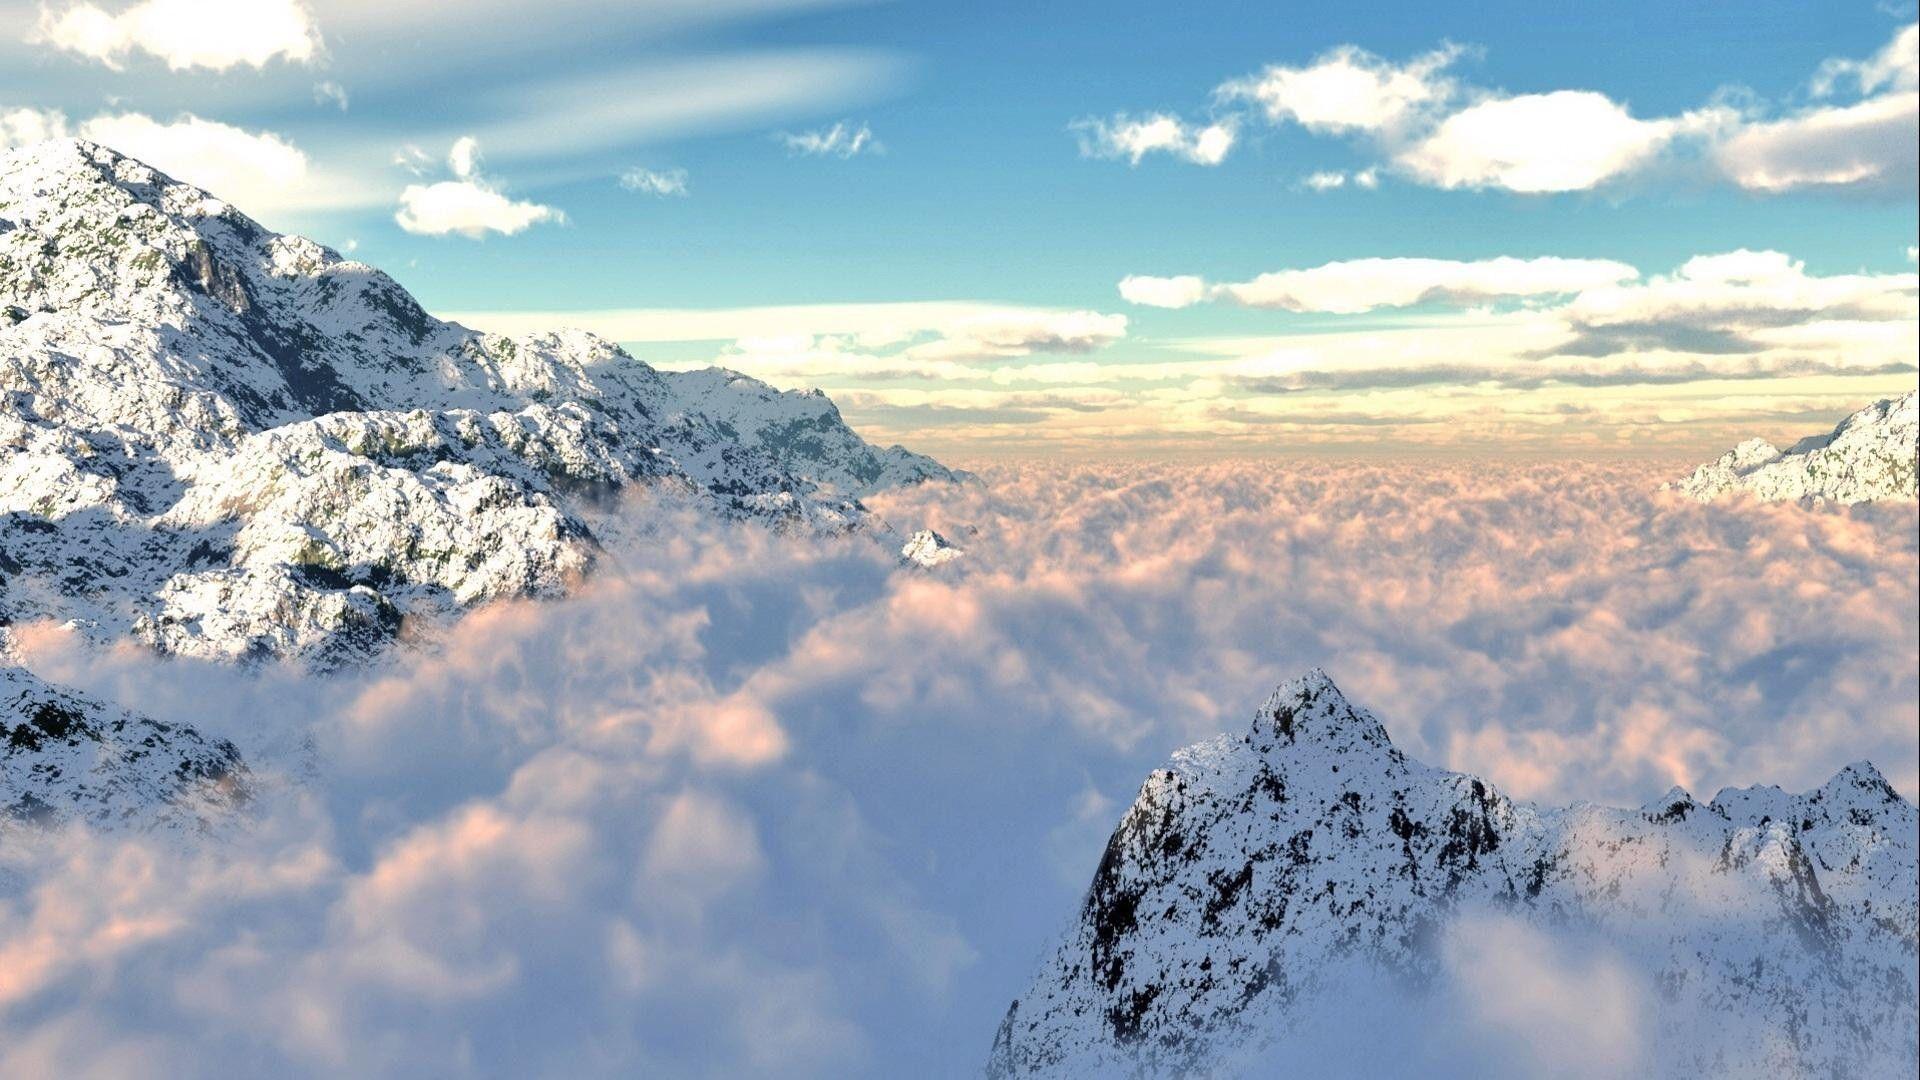 Cloud Mountain Wallpapers   Top Cloud Mountain Backgrounds 1920x1080